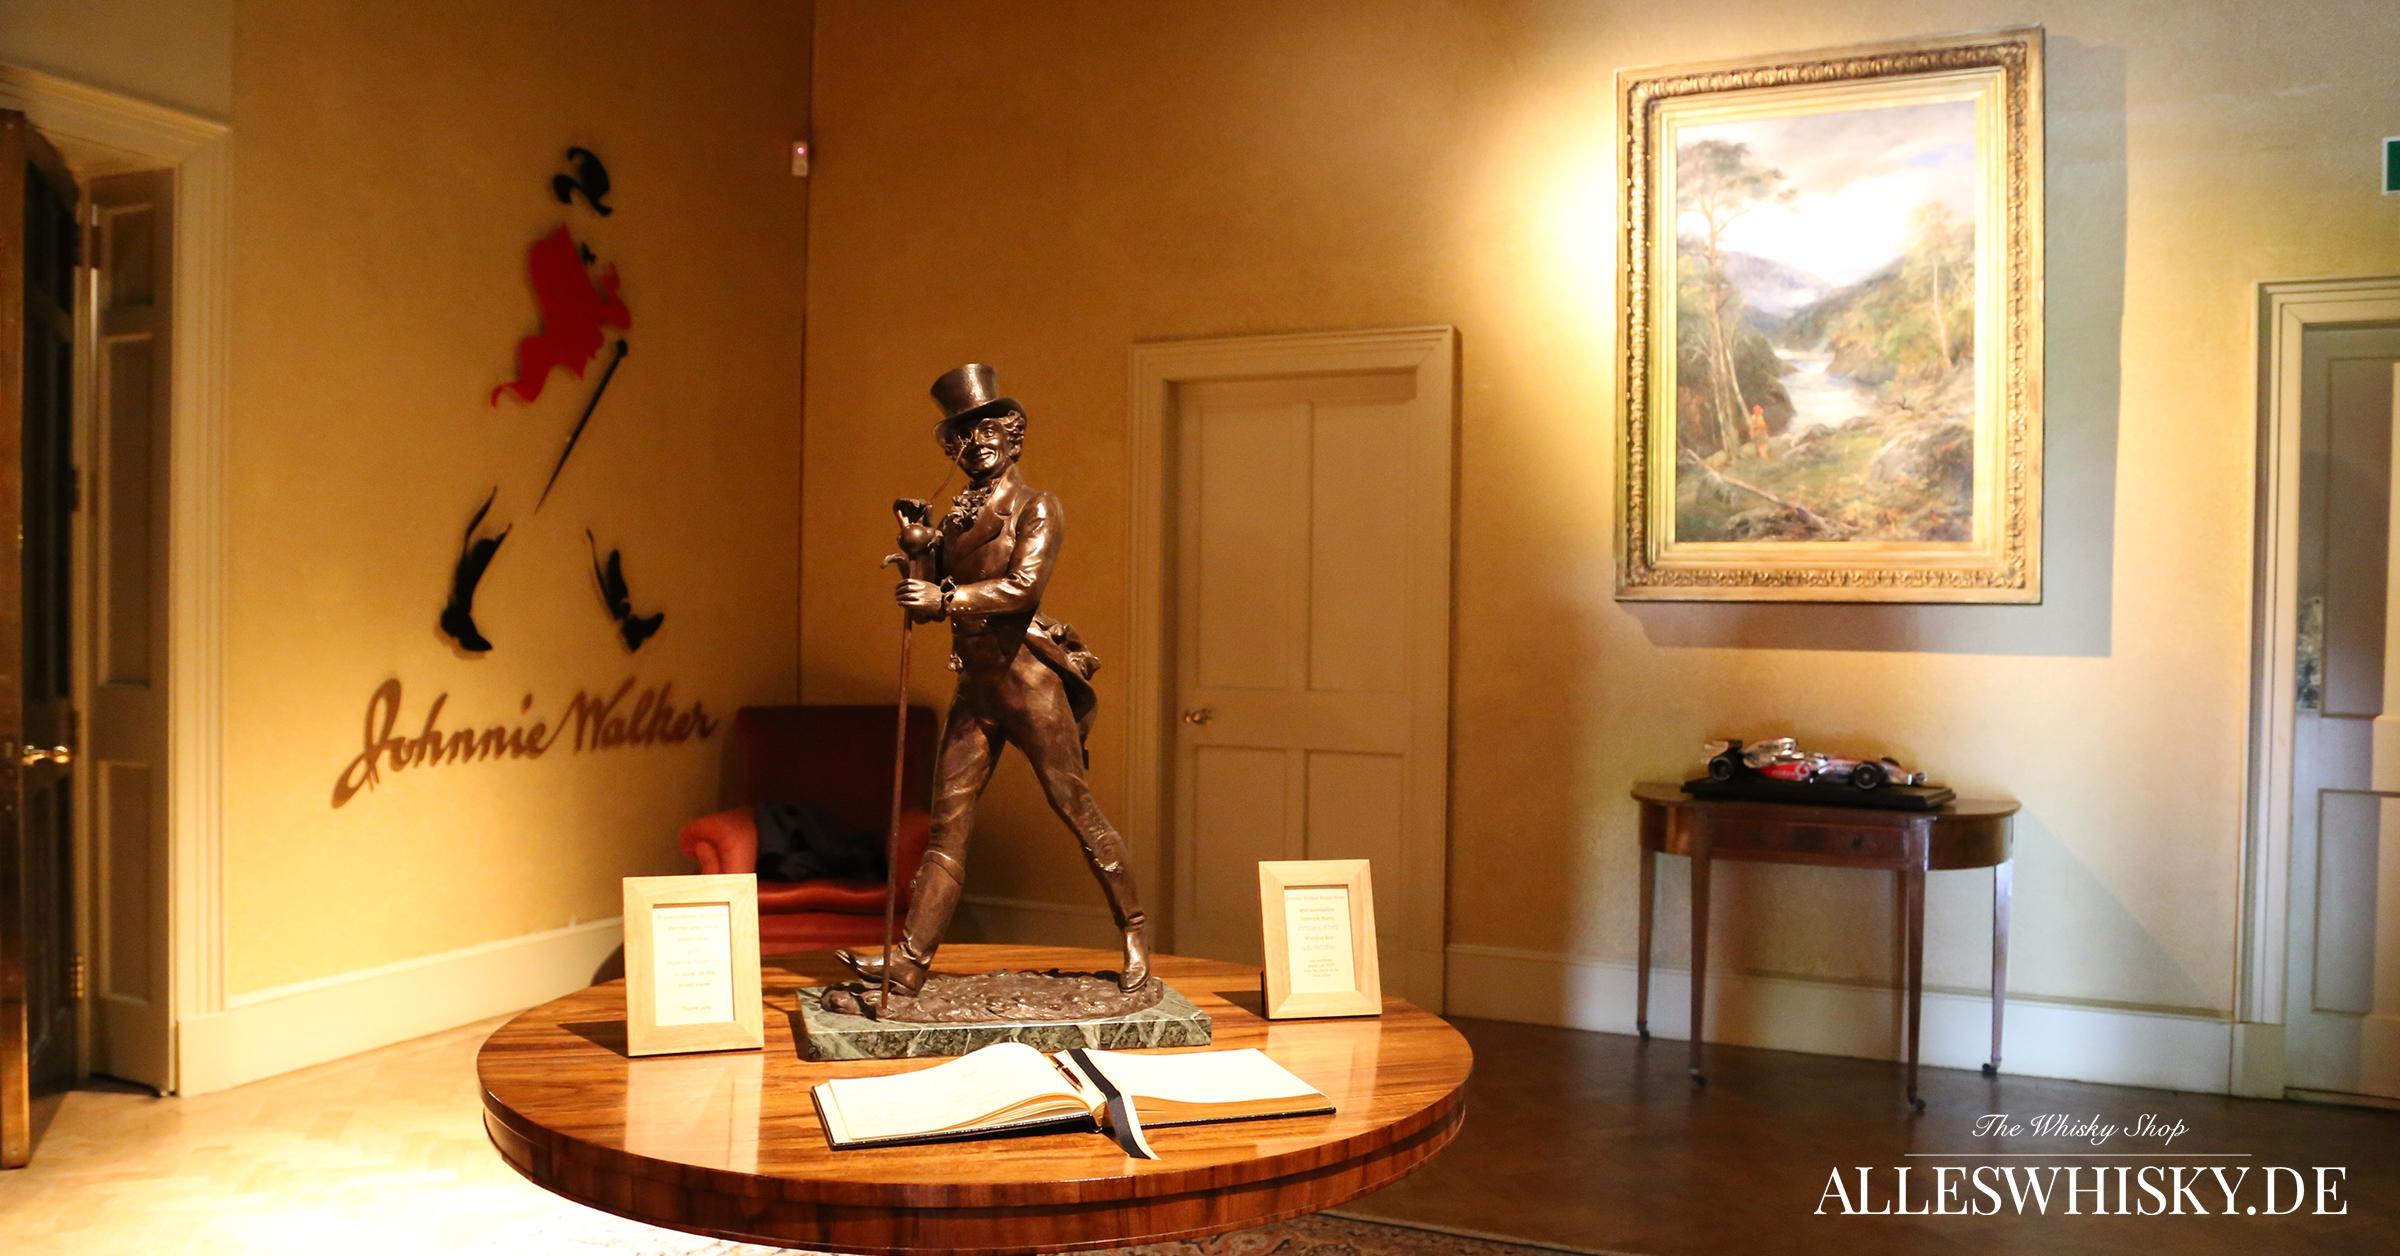 Johnnie Walker Brand Home mit dem Striding Man auf dem Tisch